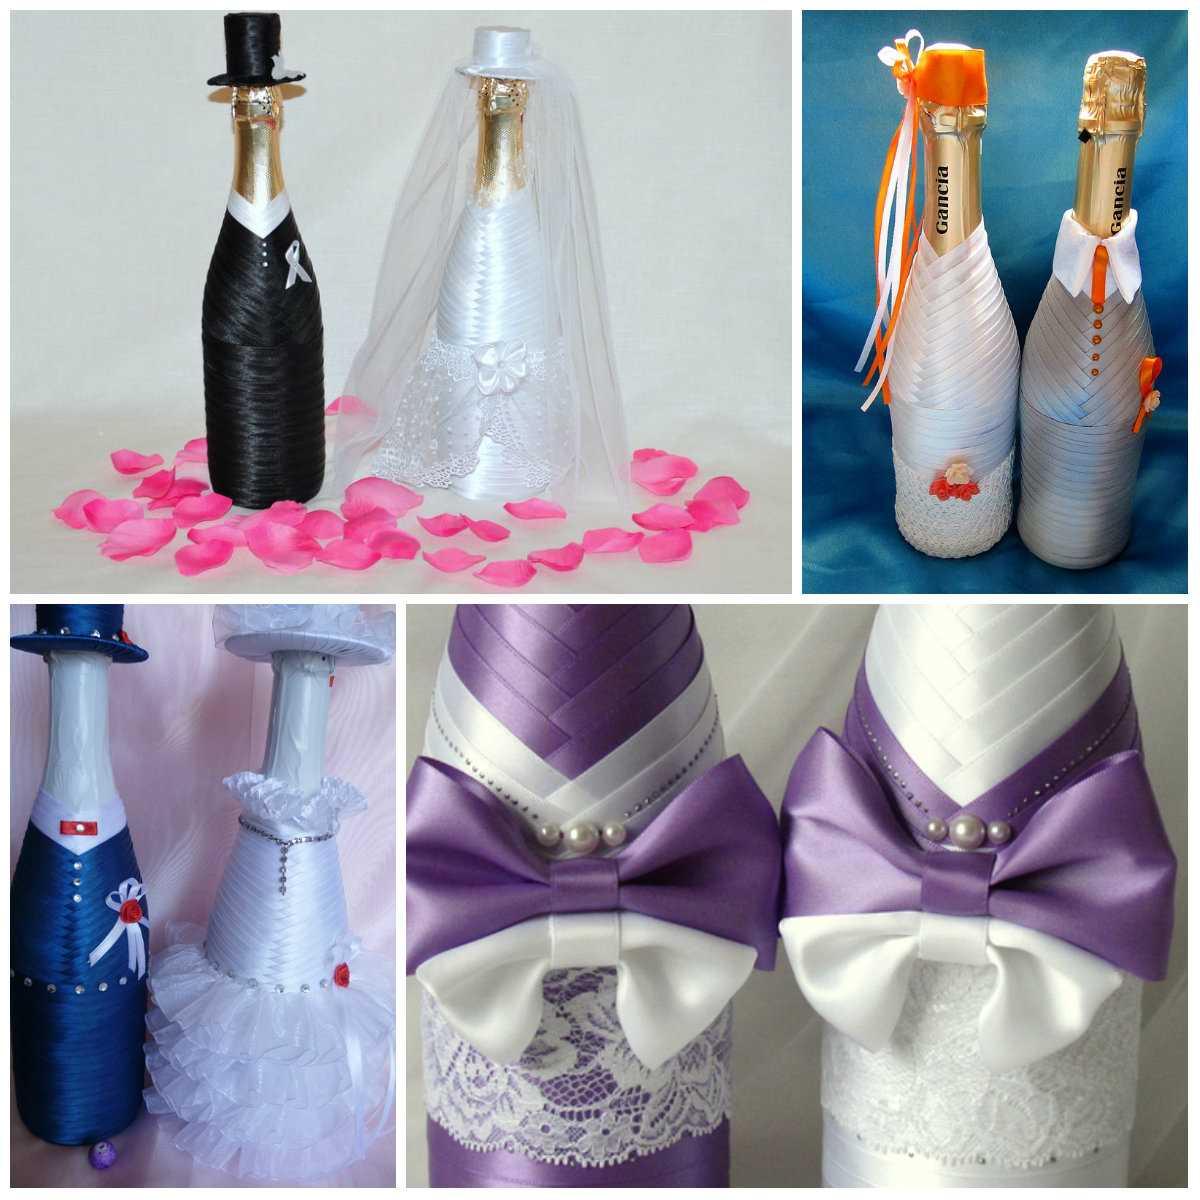 Оформление свадебного шампанского. жених и невеста. мастер-класс с пошаговыми фото